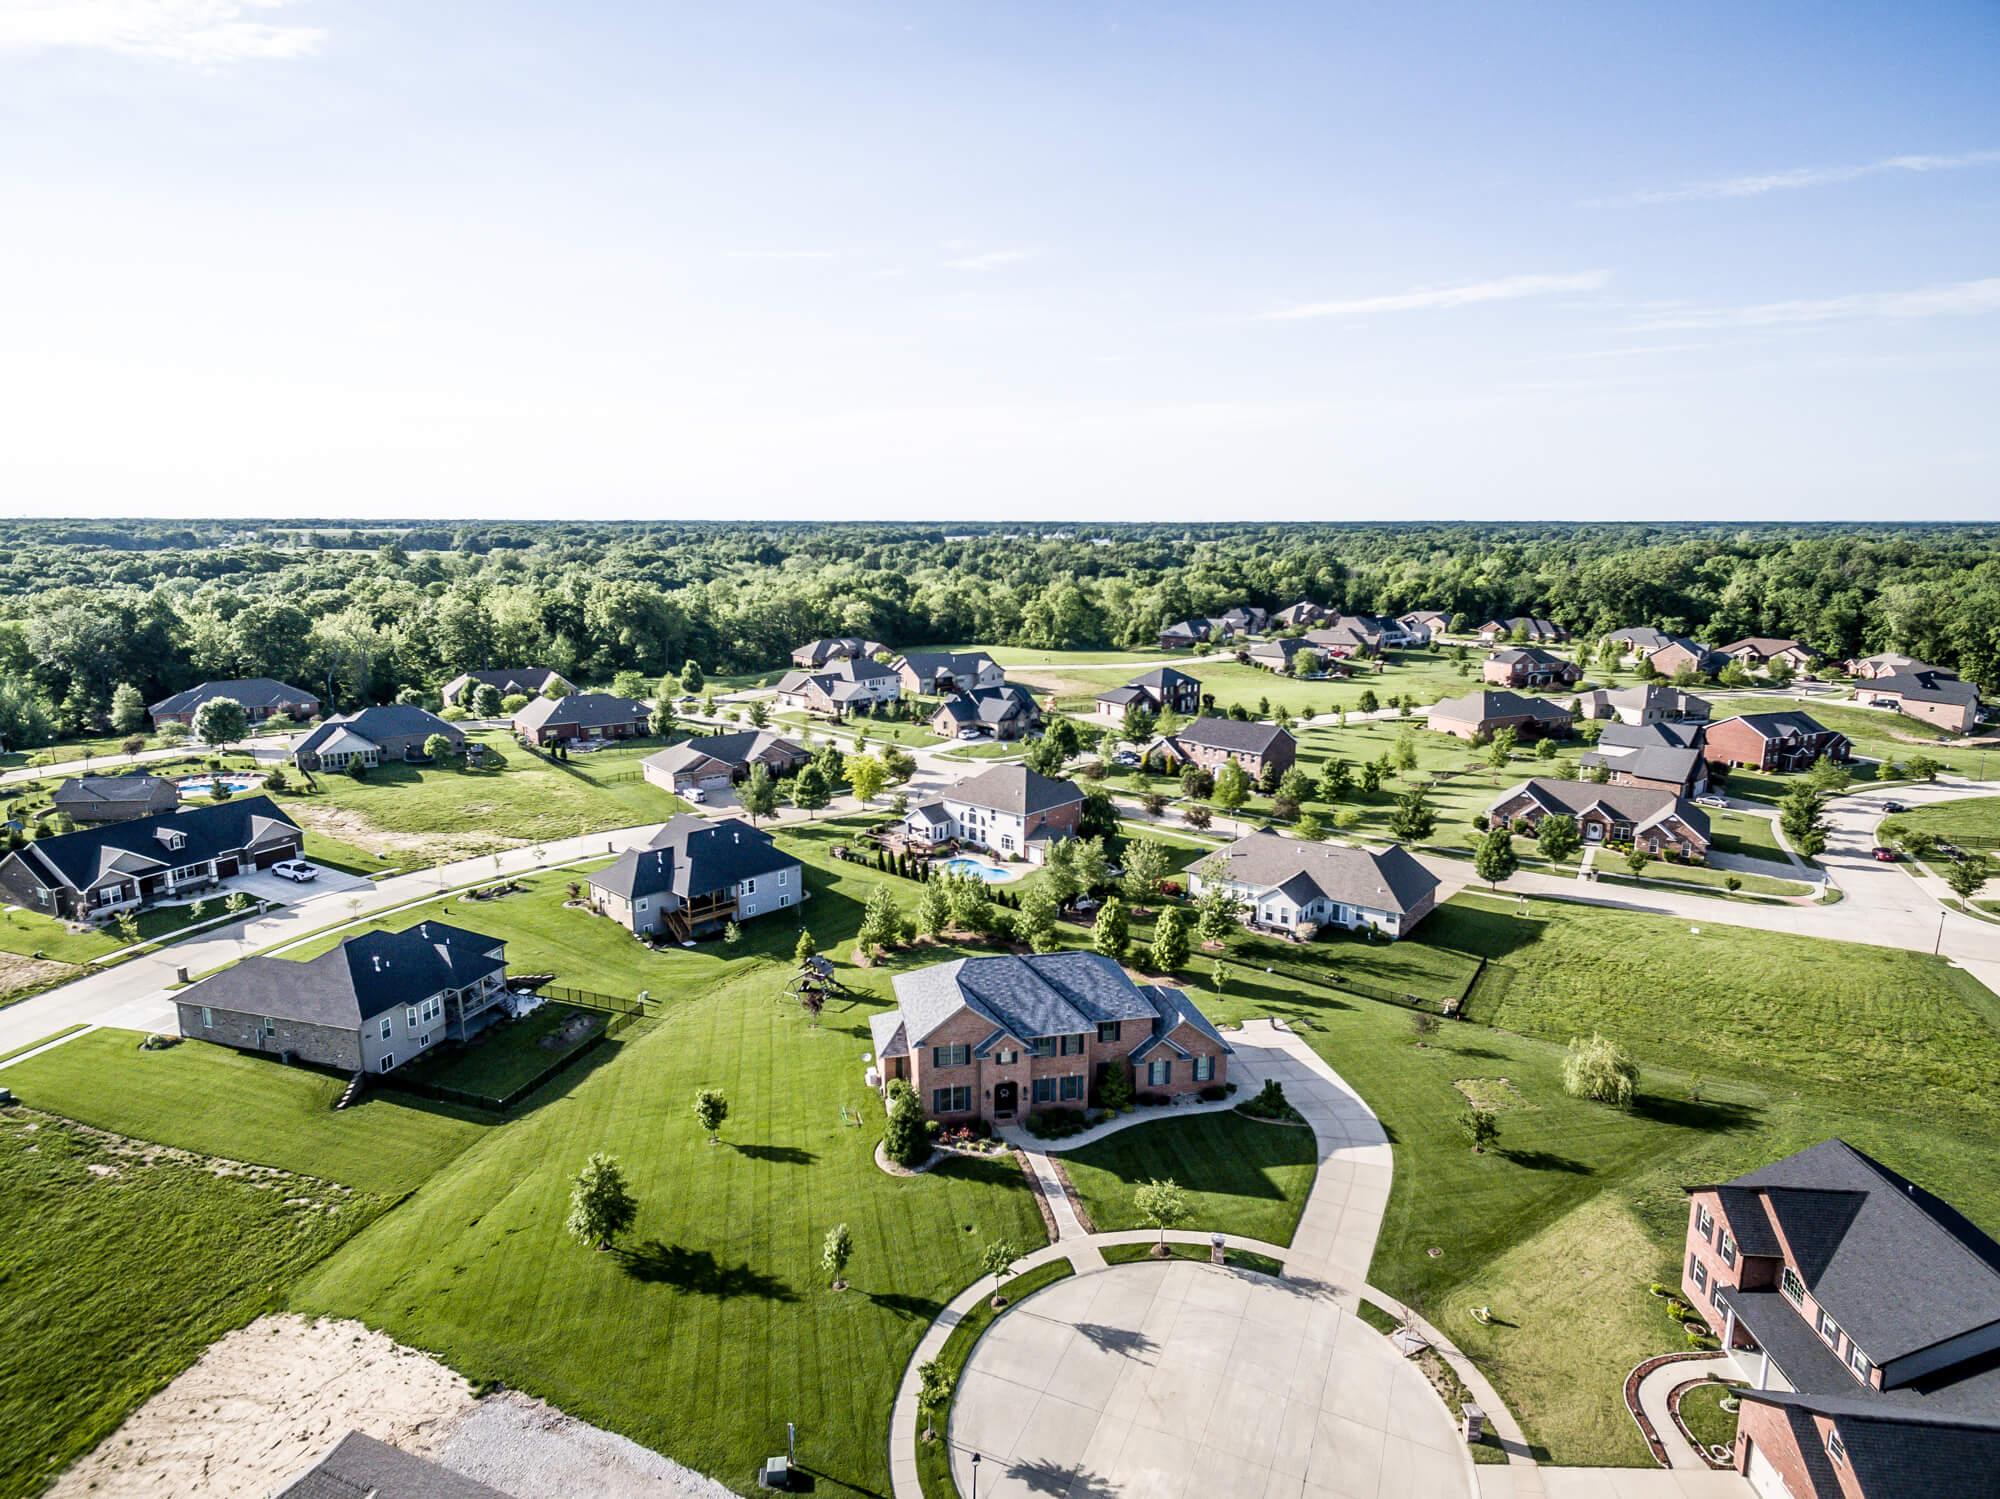 Cobblestone_Ridge_O'Fallon_Illinois_Aerials_1-1.jpg